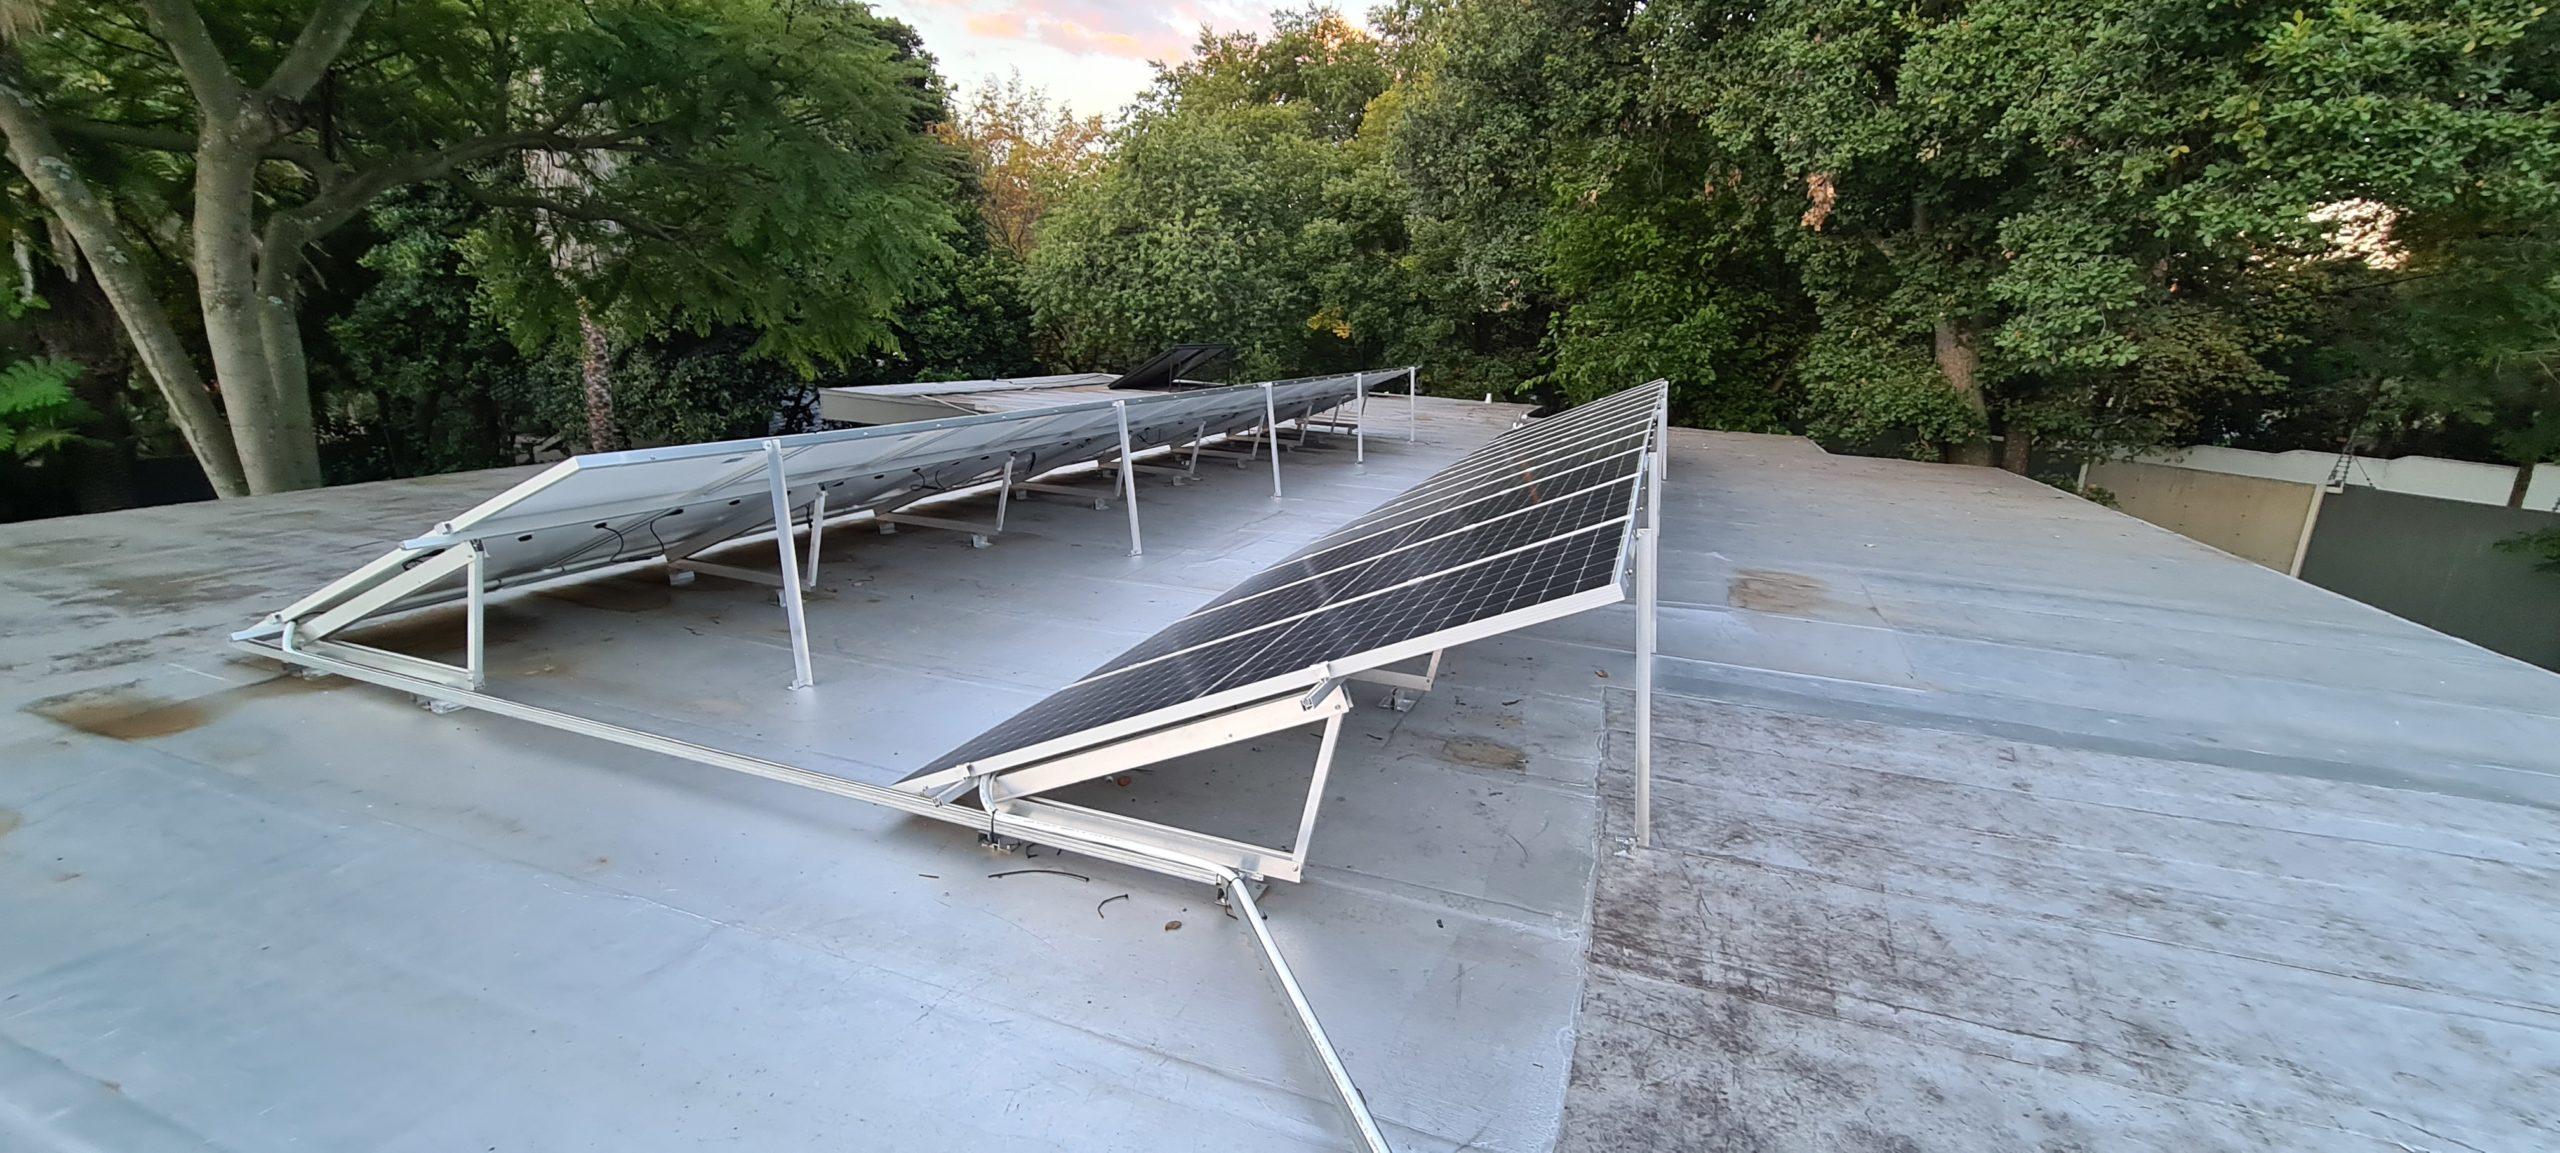 Solar Supply Inverter Spec 3 x Deye 5kw – Hybrid Inverters